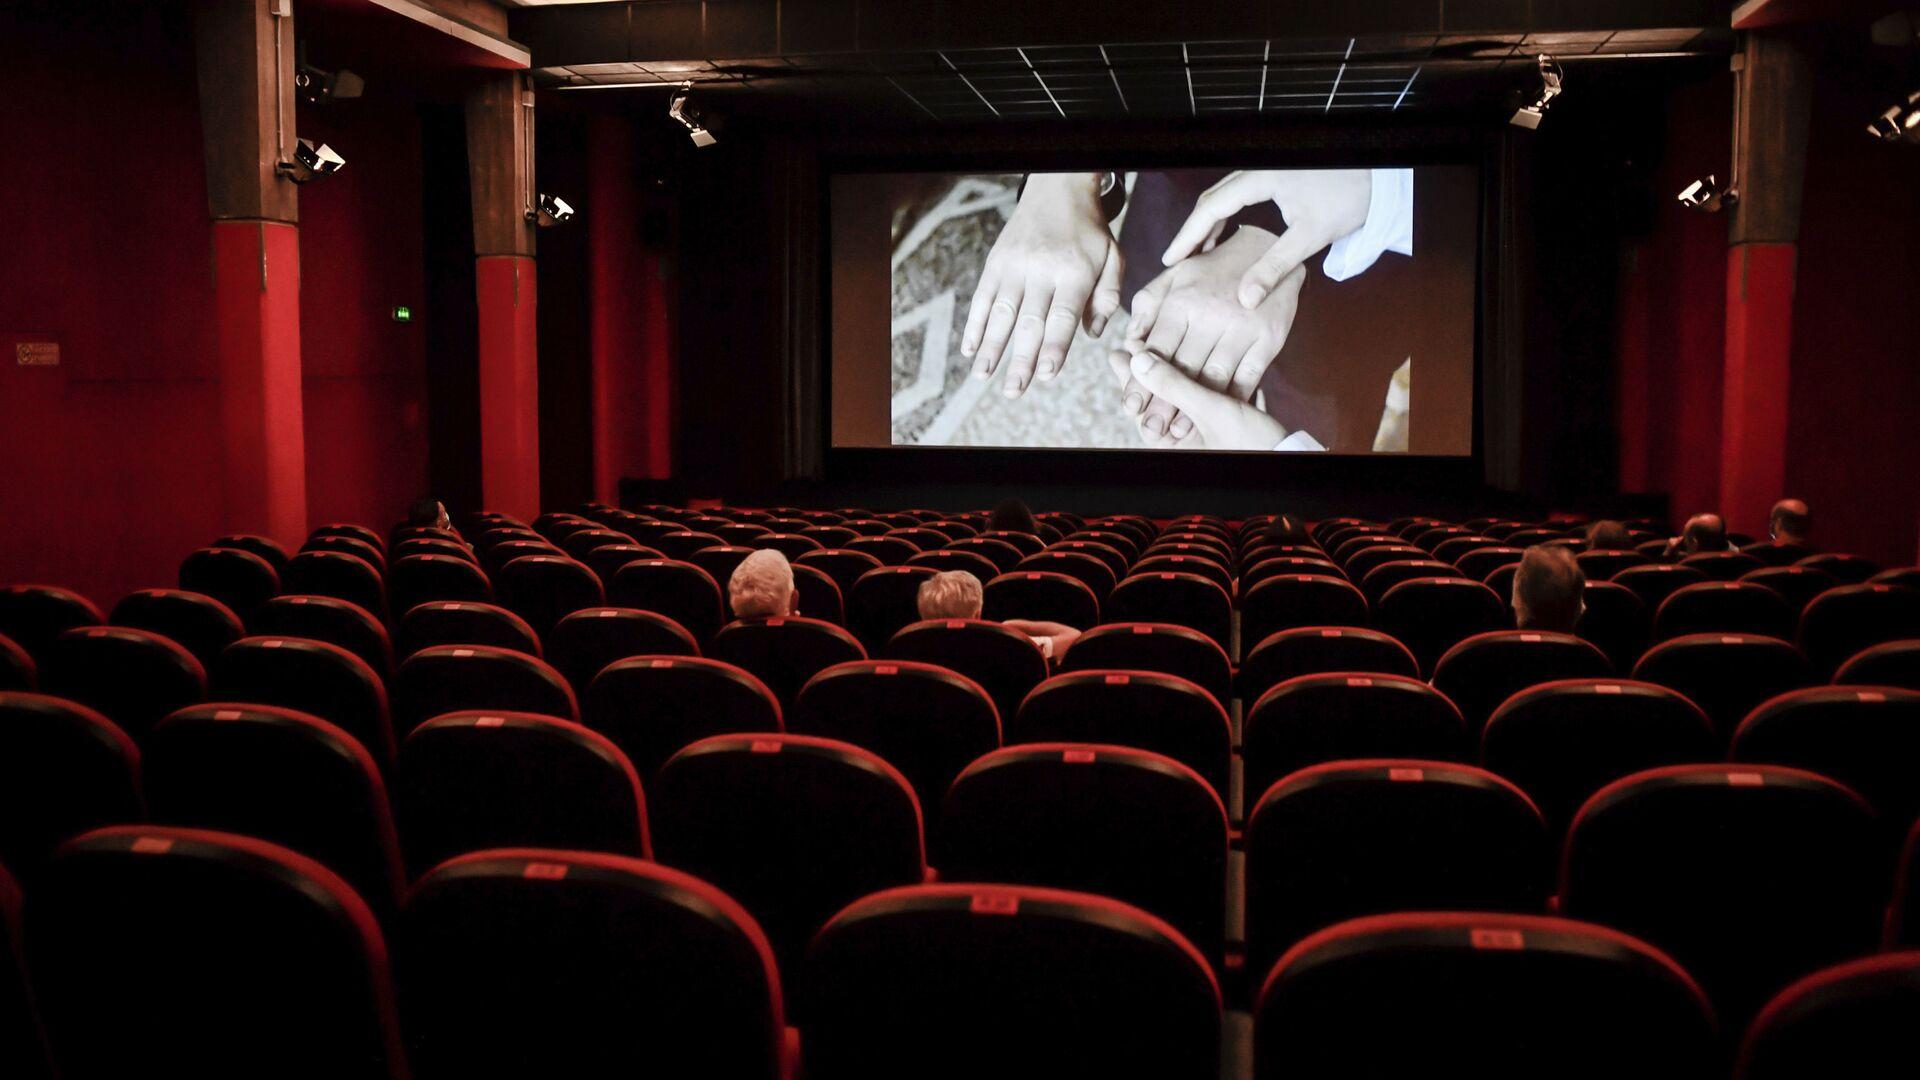 Люди сидят в кинотеатре, фото из архива - Sputnik Azərbaycan, 1920, 25.09.2021